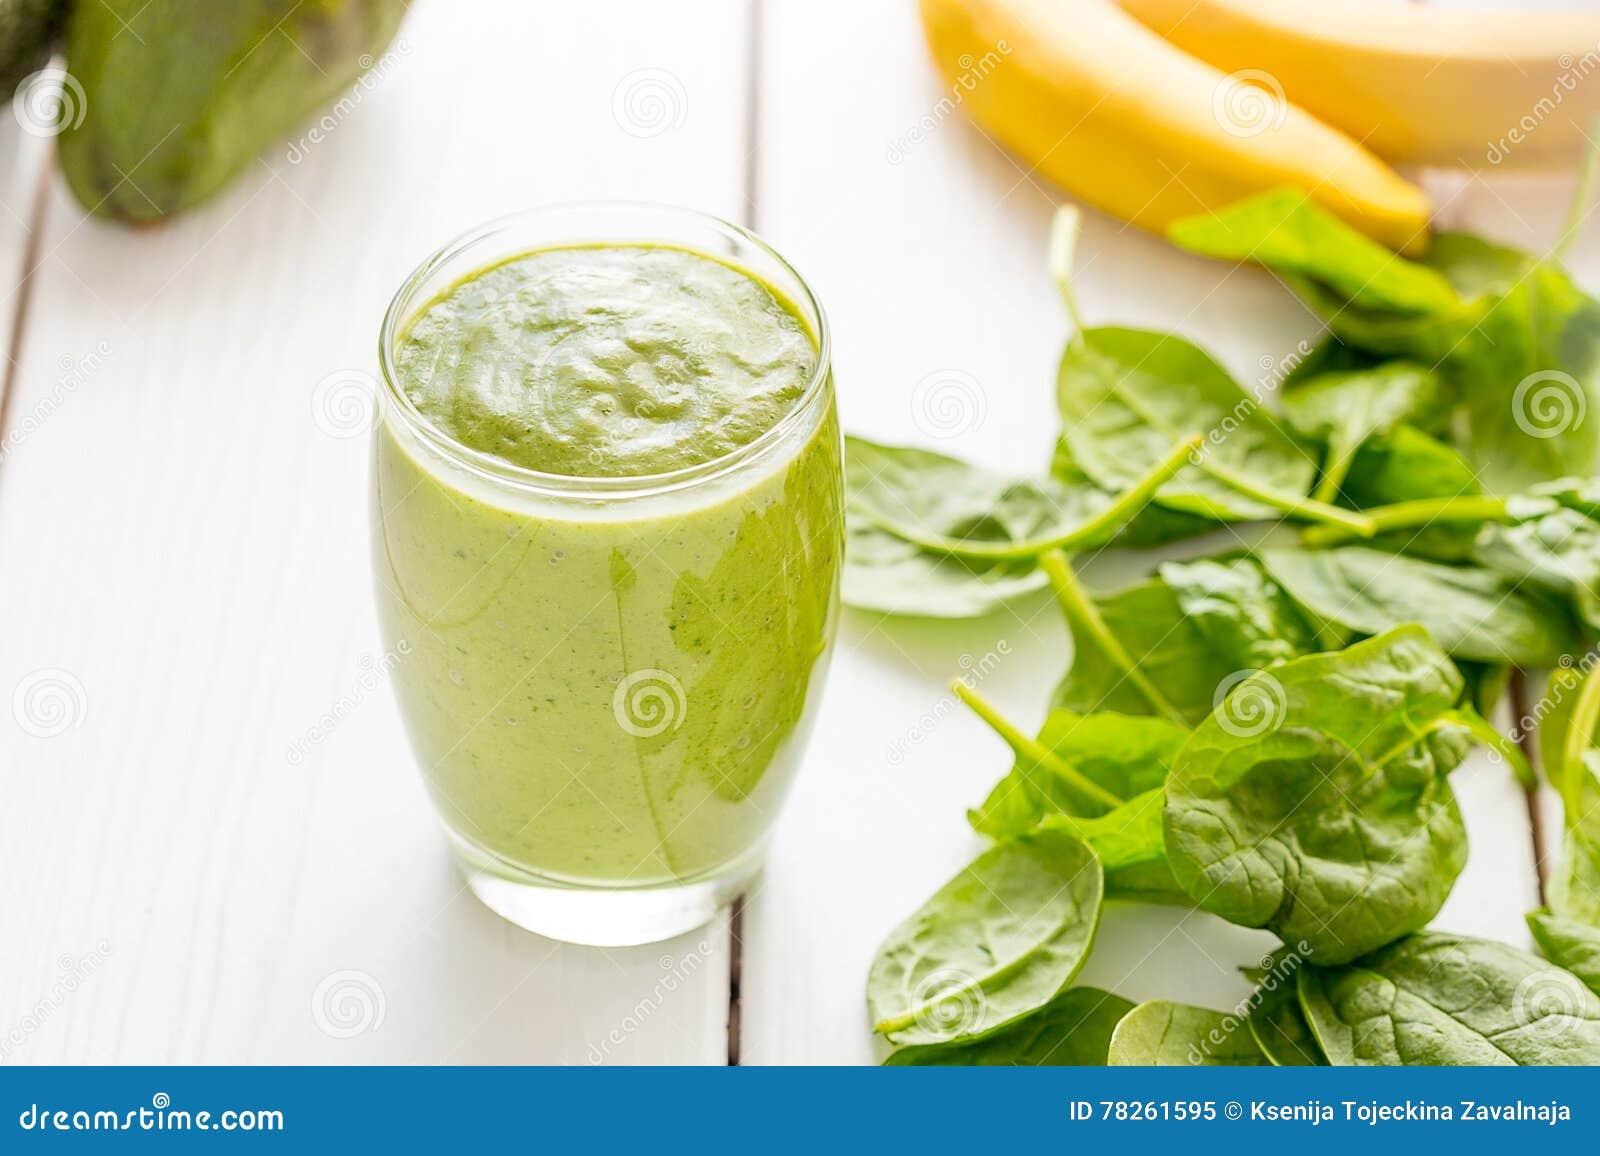 Απολύτως καταπληκτικός νόστιμος πράσινος κούνημα ή καταφερτζής αβοκάντο, που γίνεται με τα φρέσκα αβοκάντο, την μπανάνα, το χυμό